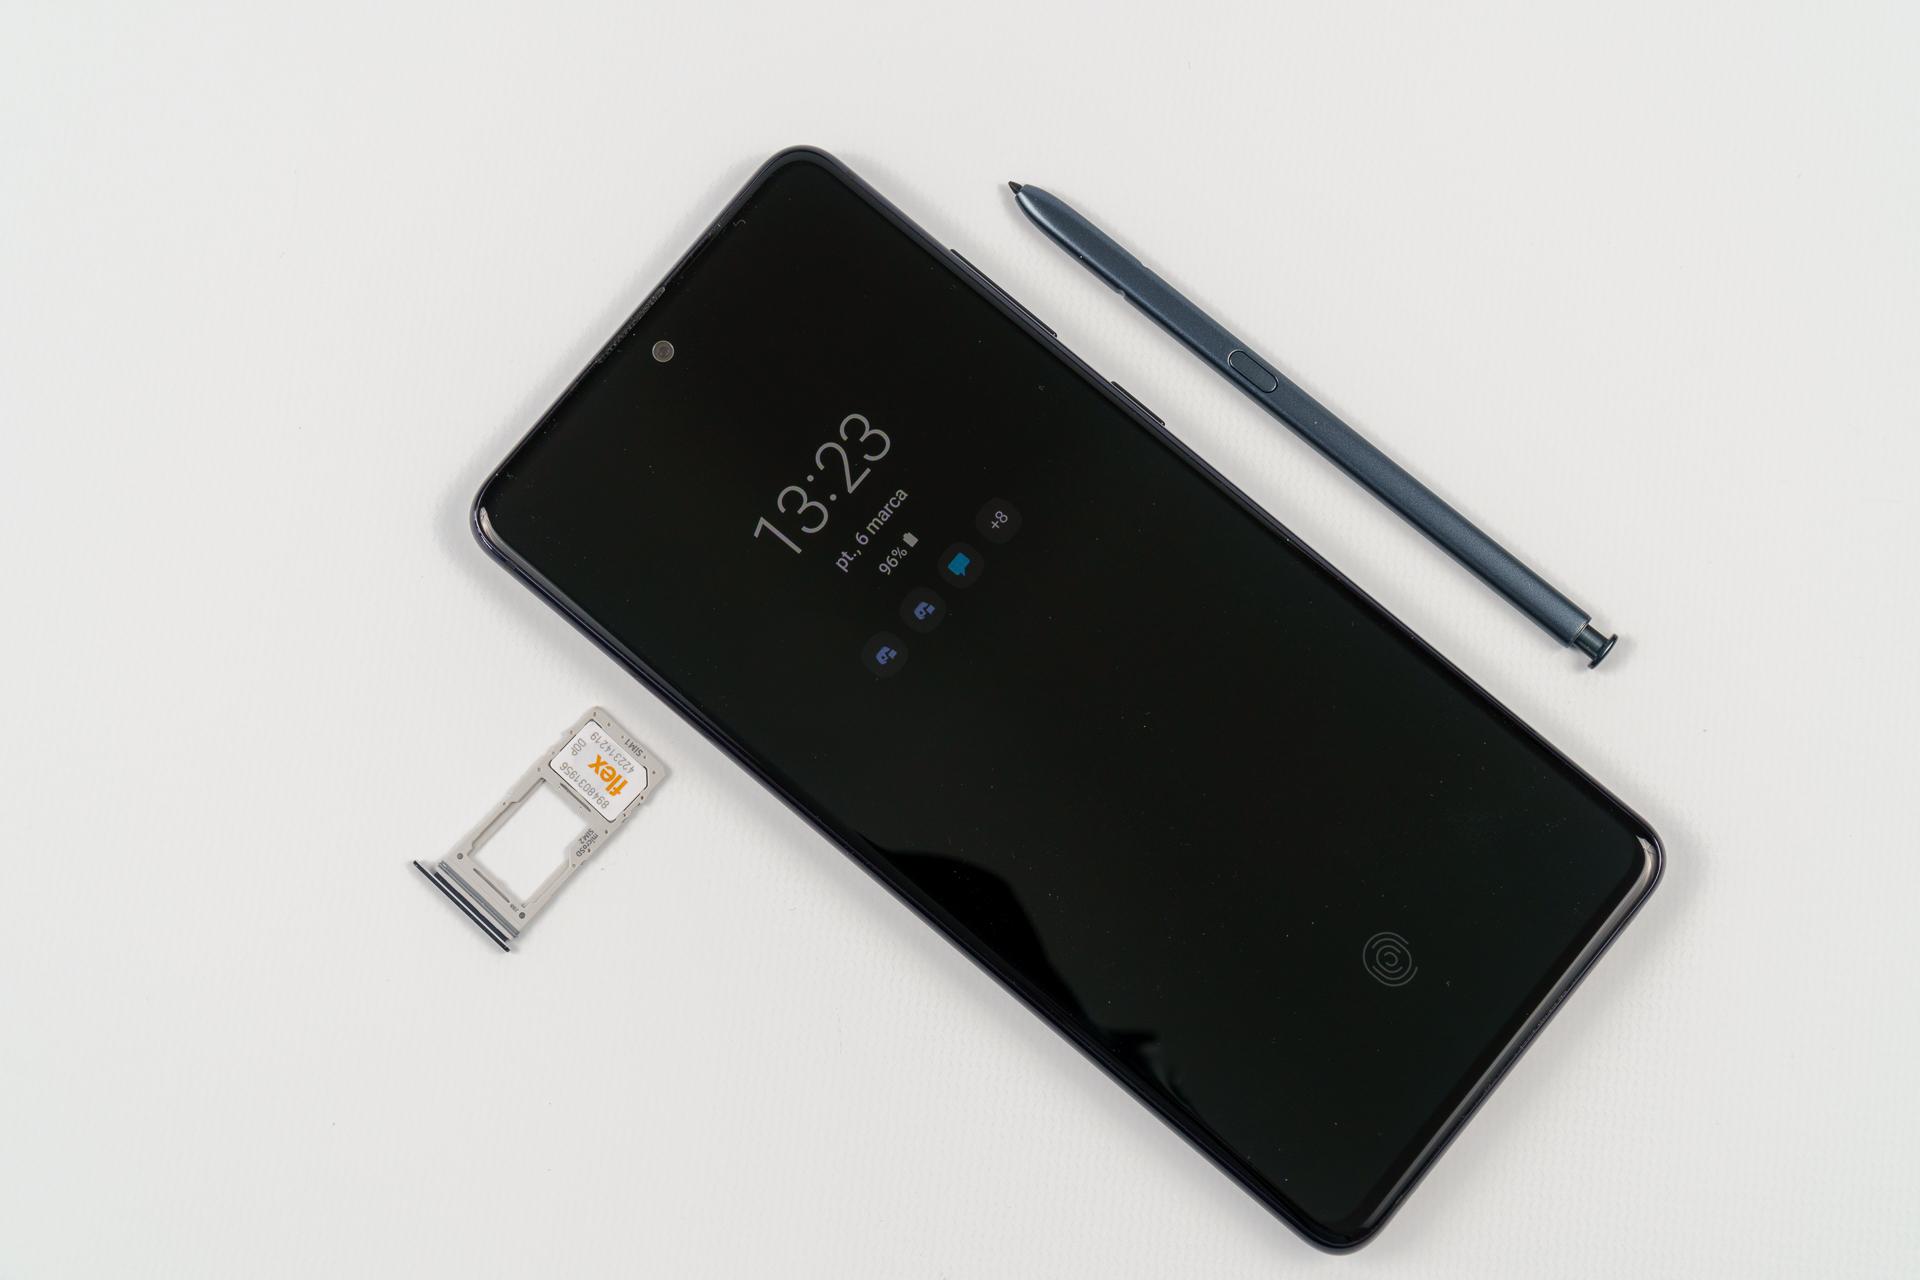 Recenzja Samsunga Galaxy Note 10 Lite. Czy budżetowy Note ma sens? 25